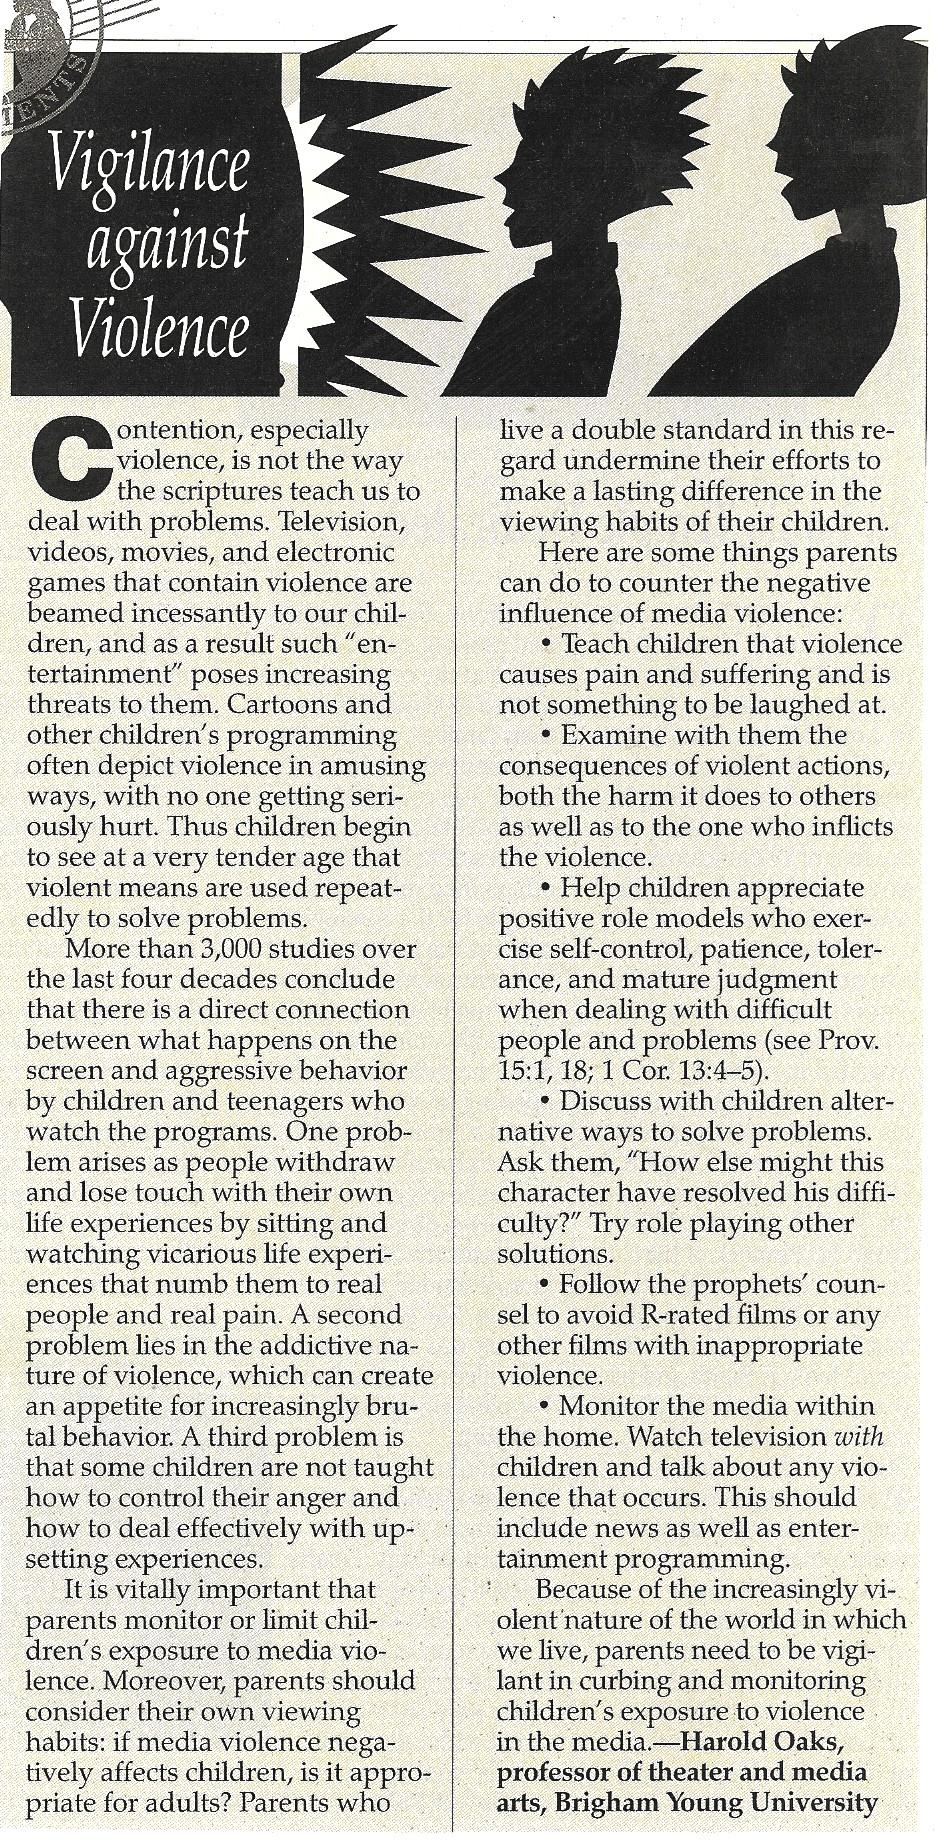 does violence media affect children and should parents deal